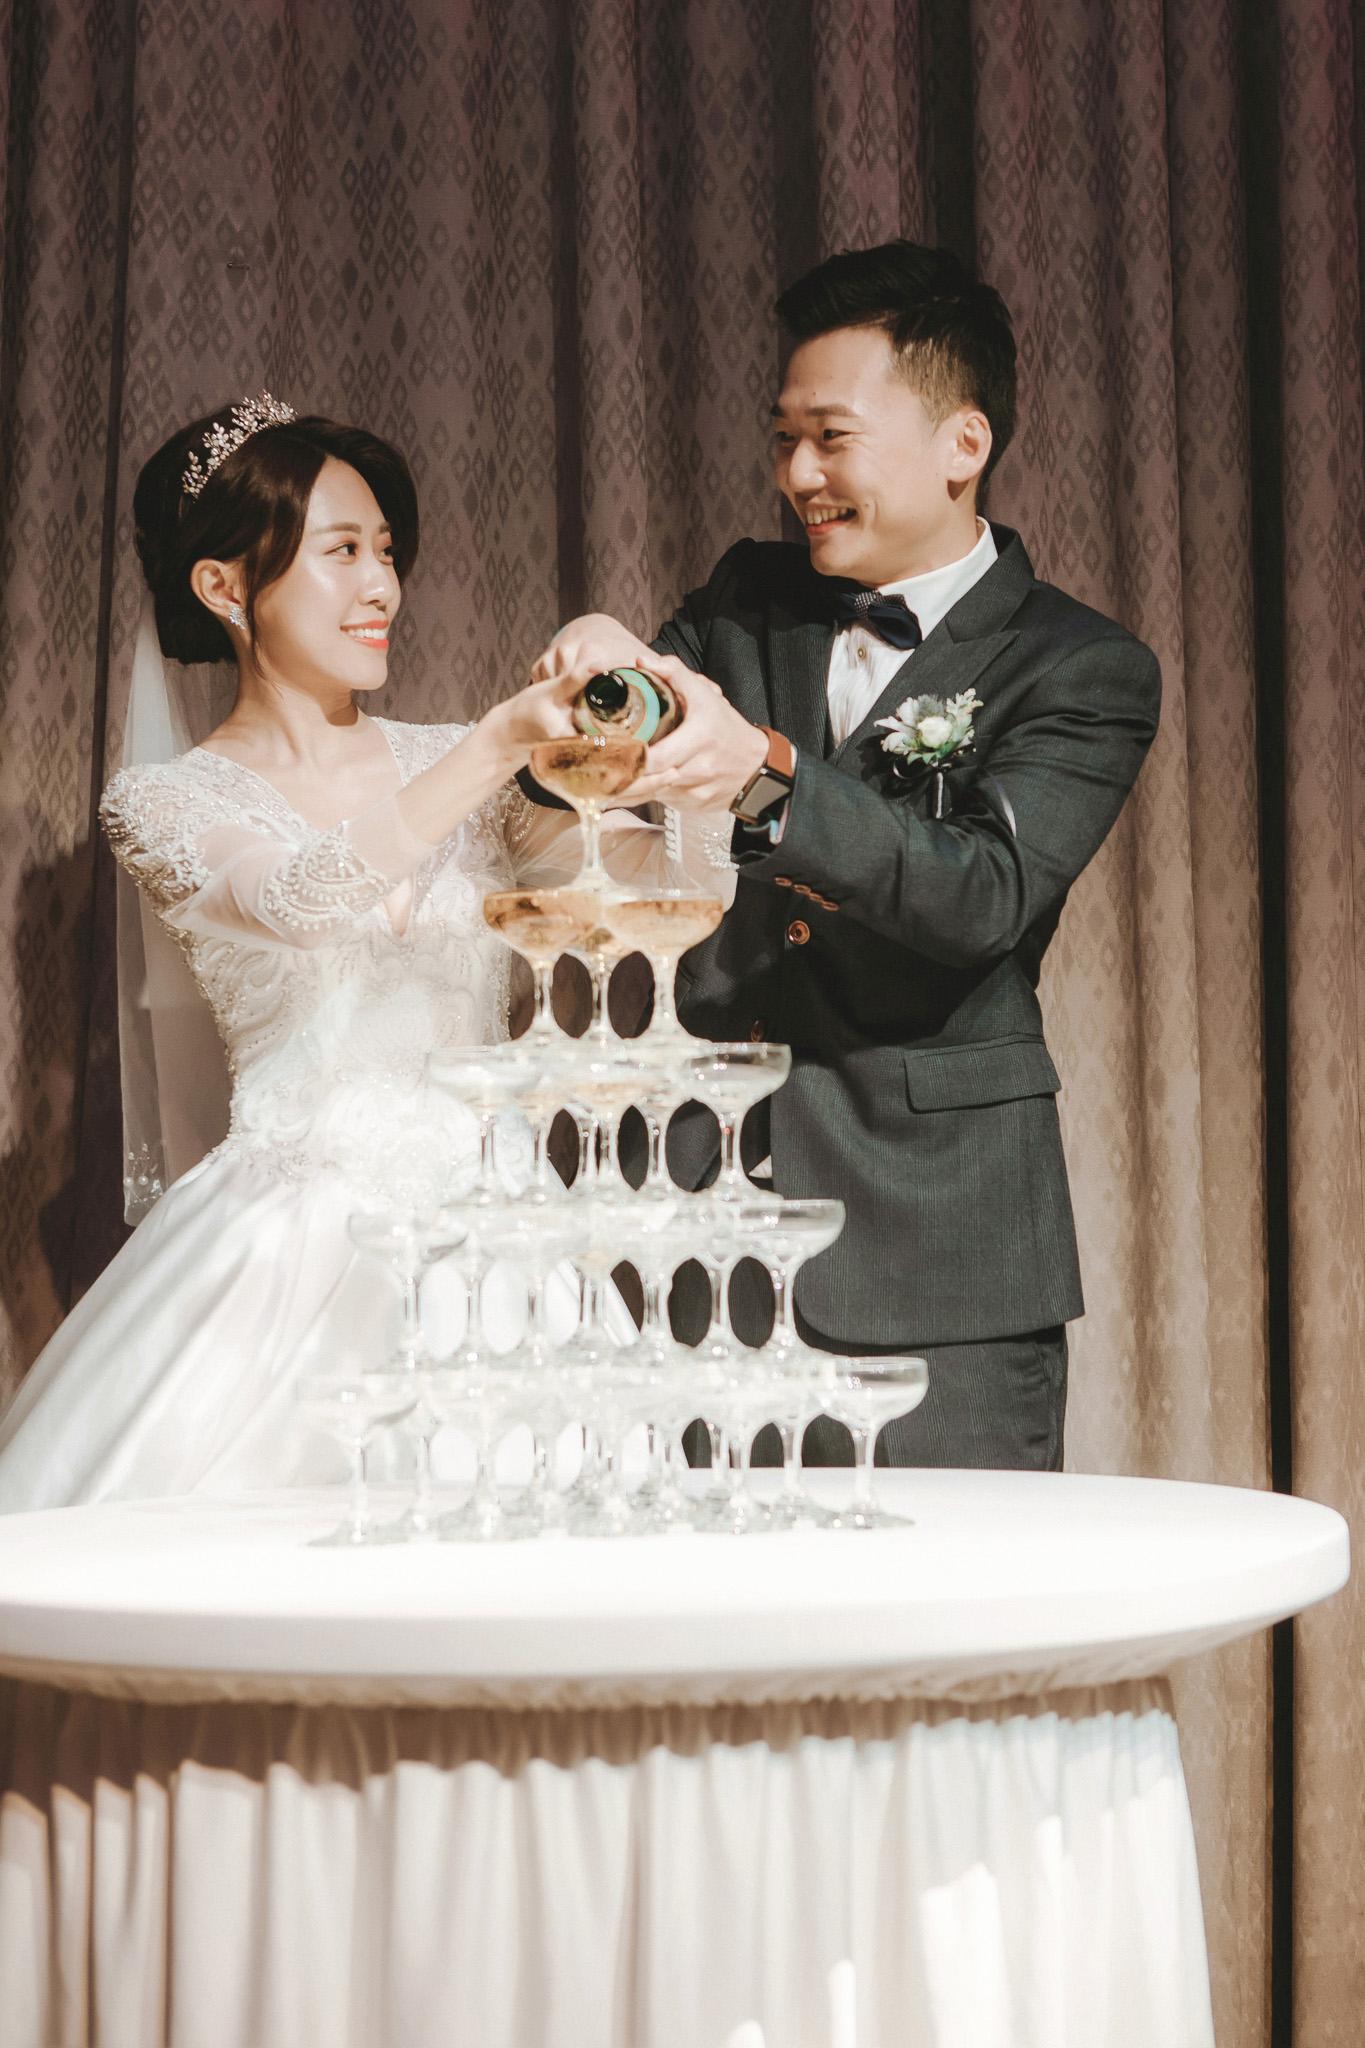 EW 居米 台北婚宴 台北婚紗 台北婚攝 國泰萬怡 台北婚禮 -33